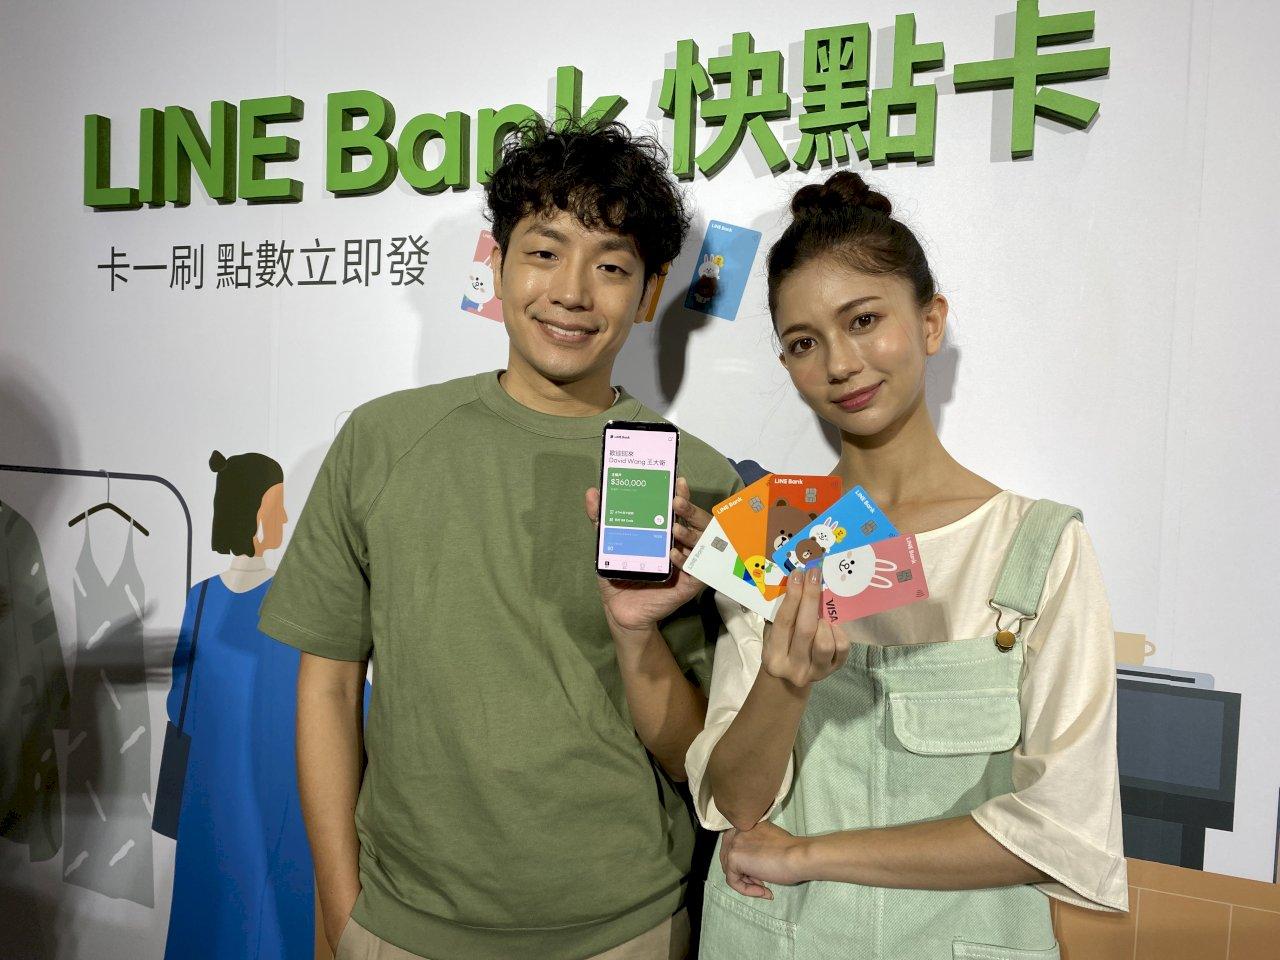 「在LINE上的銀行」 LINE Bank開業主打6分鐘開戶